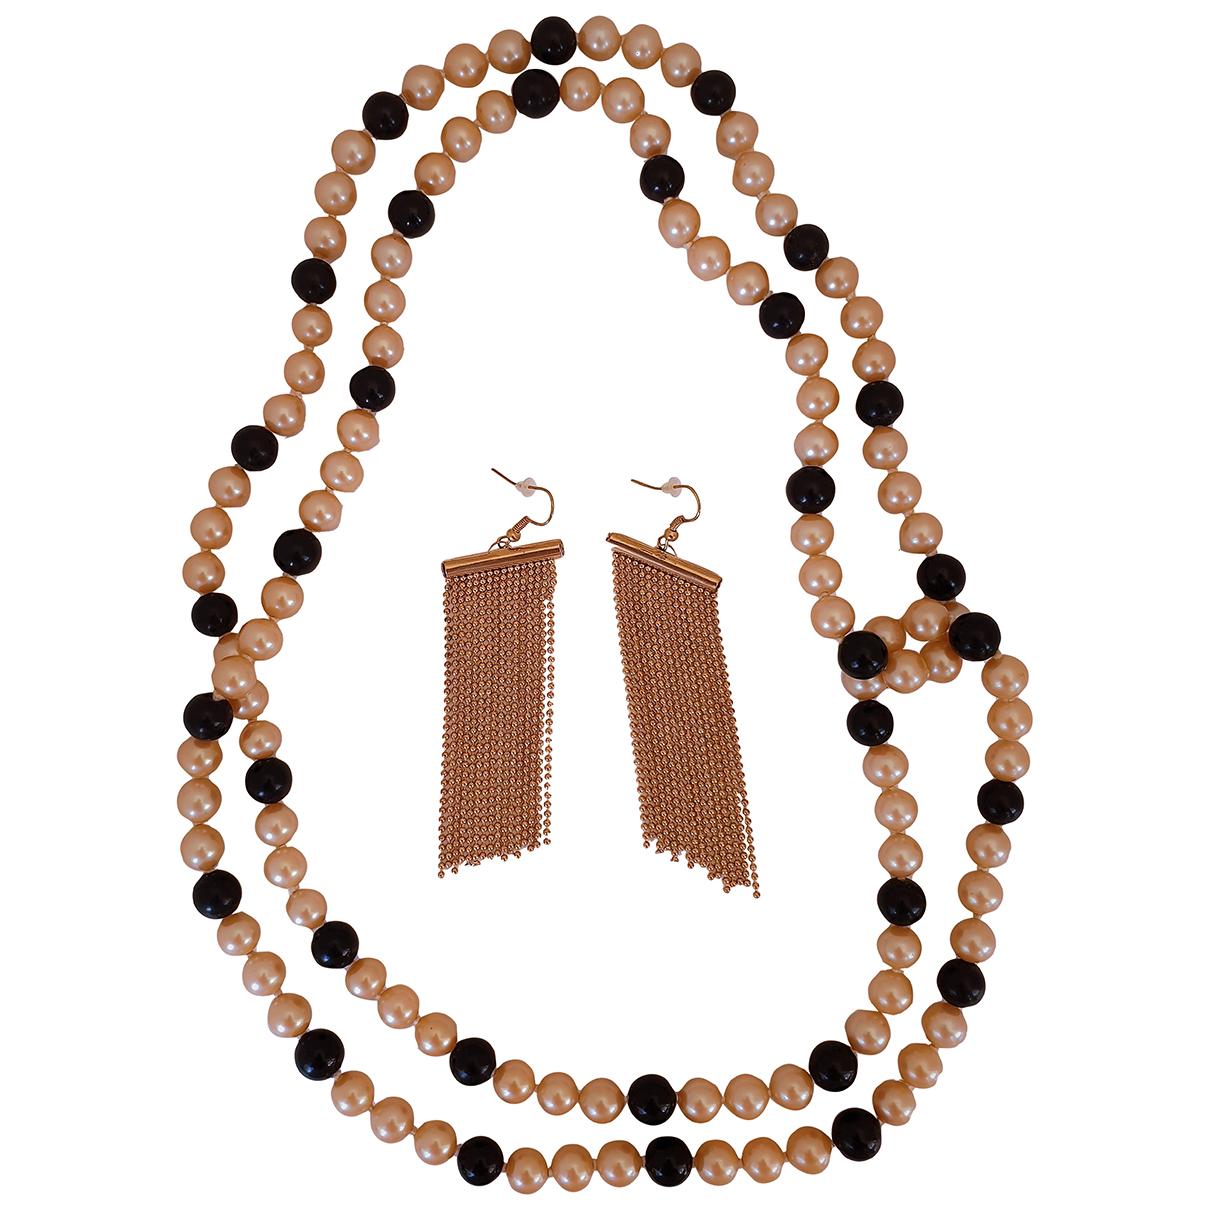 Conjunto Art Deco de Perlas Non Signe / Unsigned